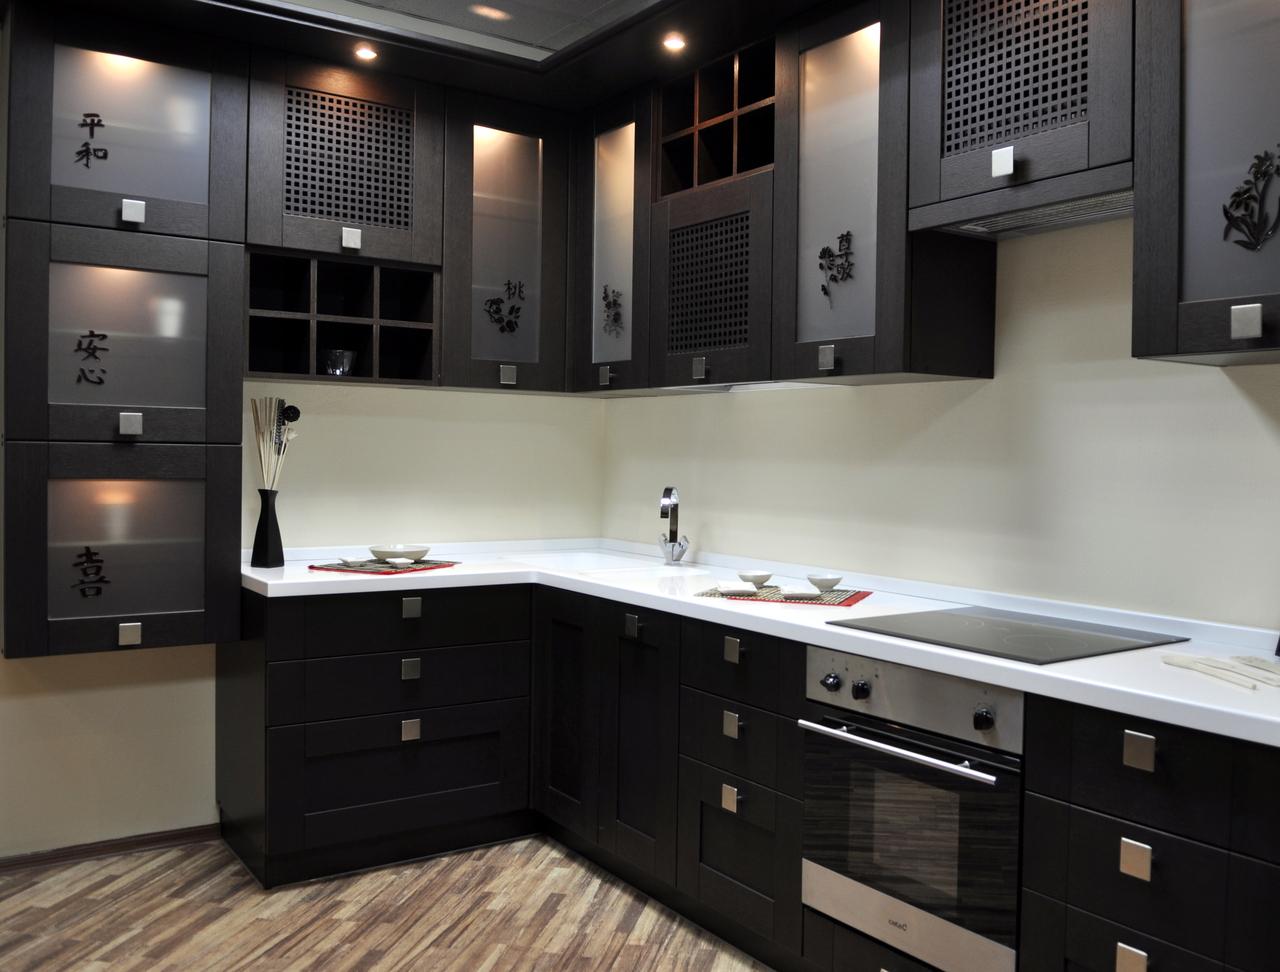 Шкаф для посуды – модные цветовые решения и современные материалы изготовления (84 фото)